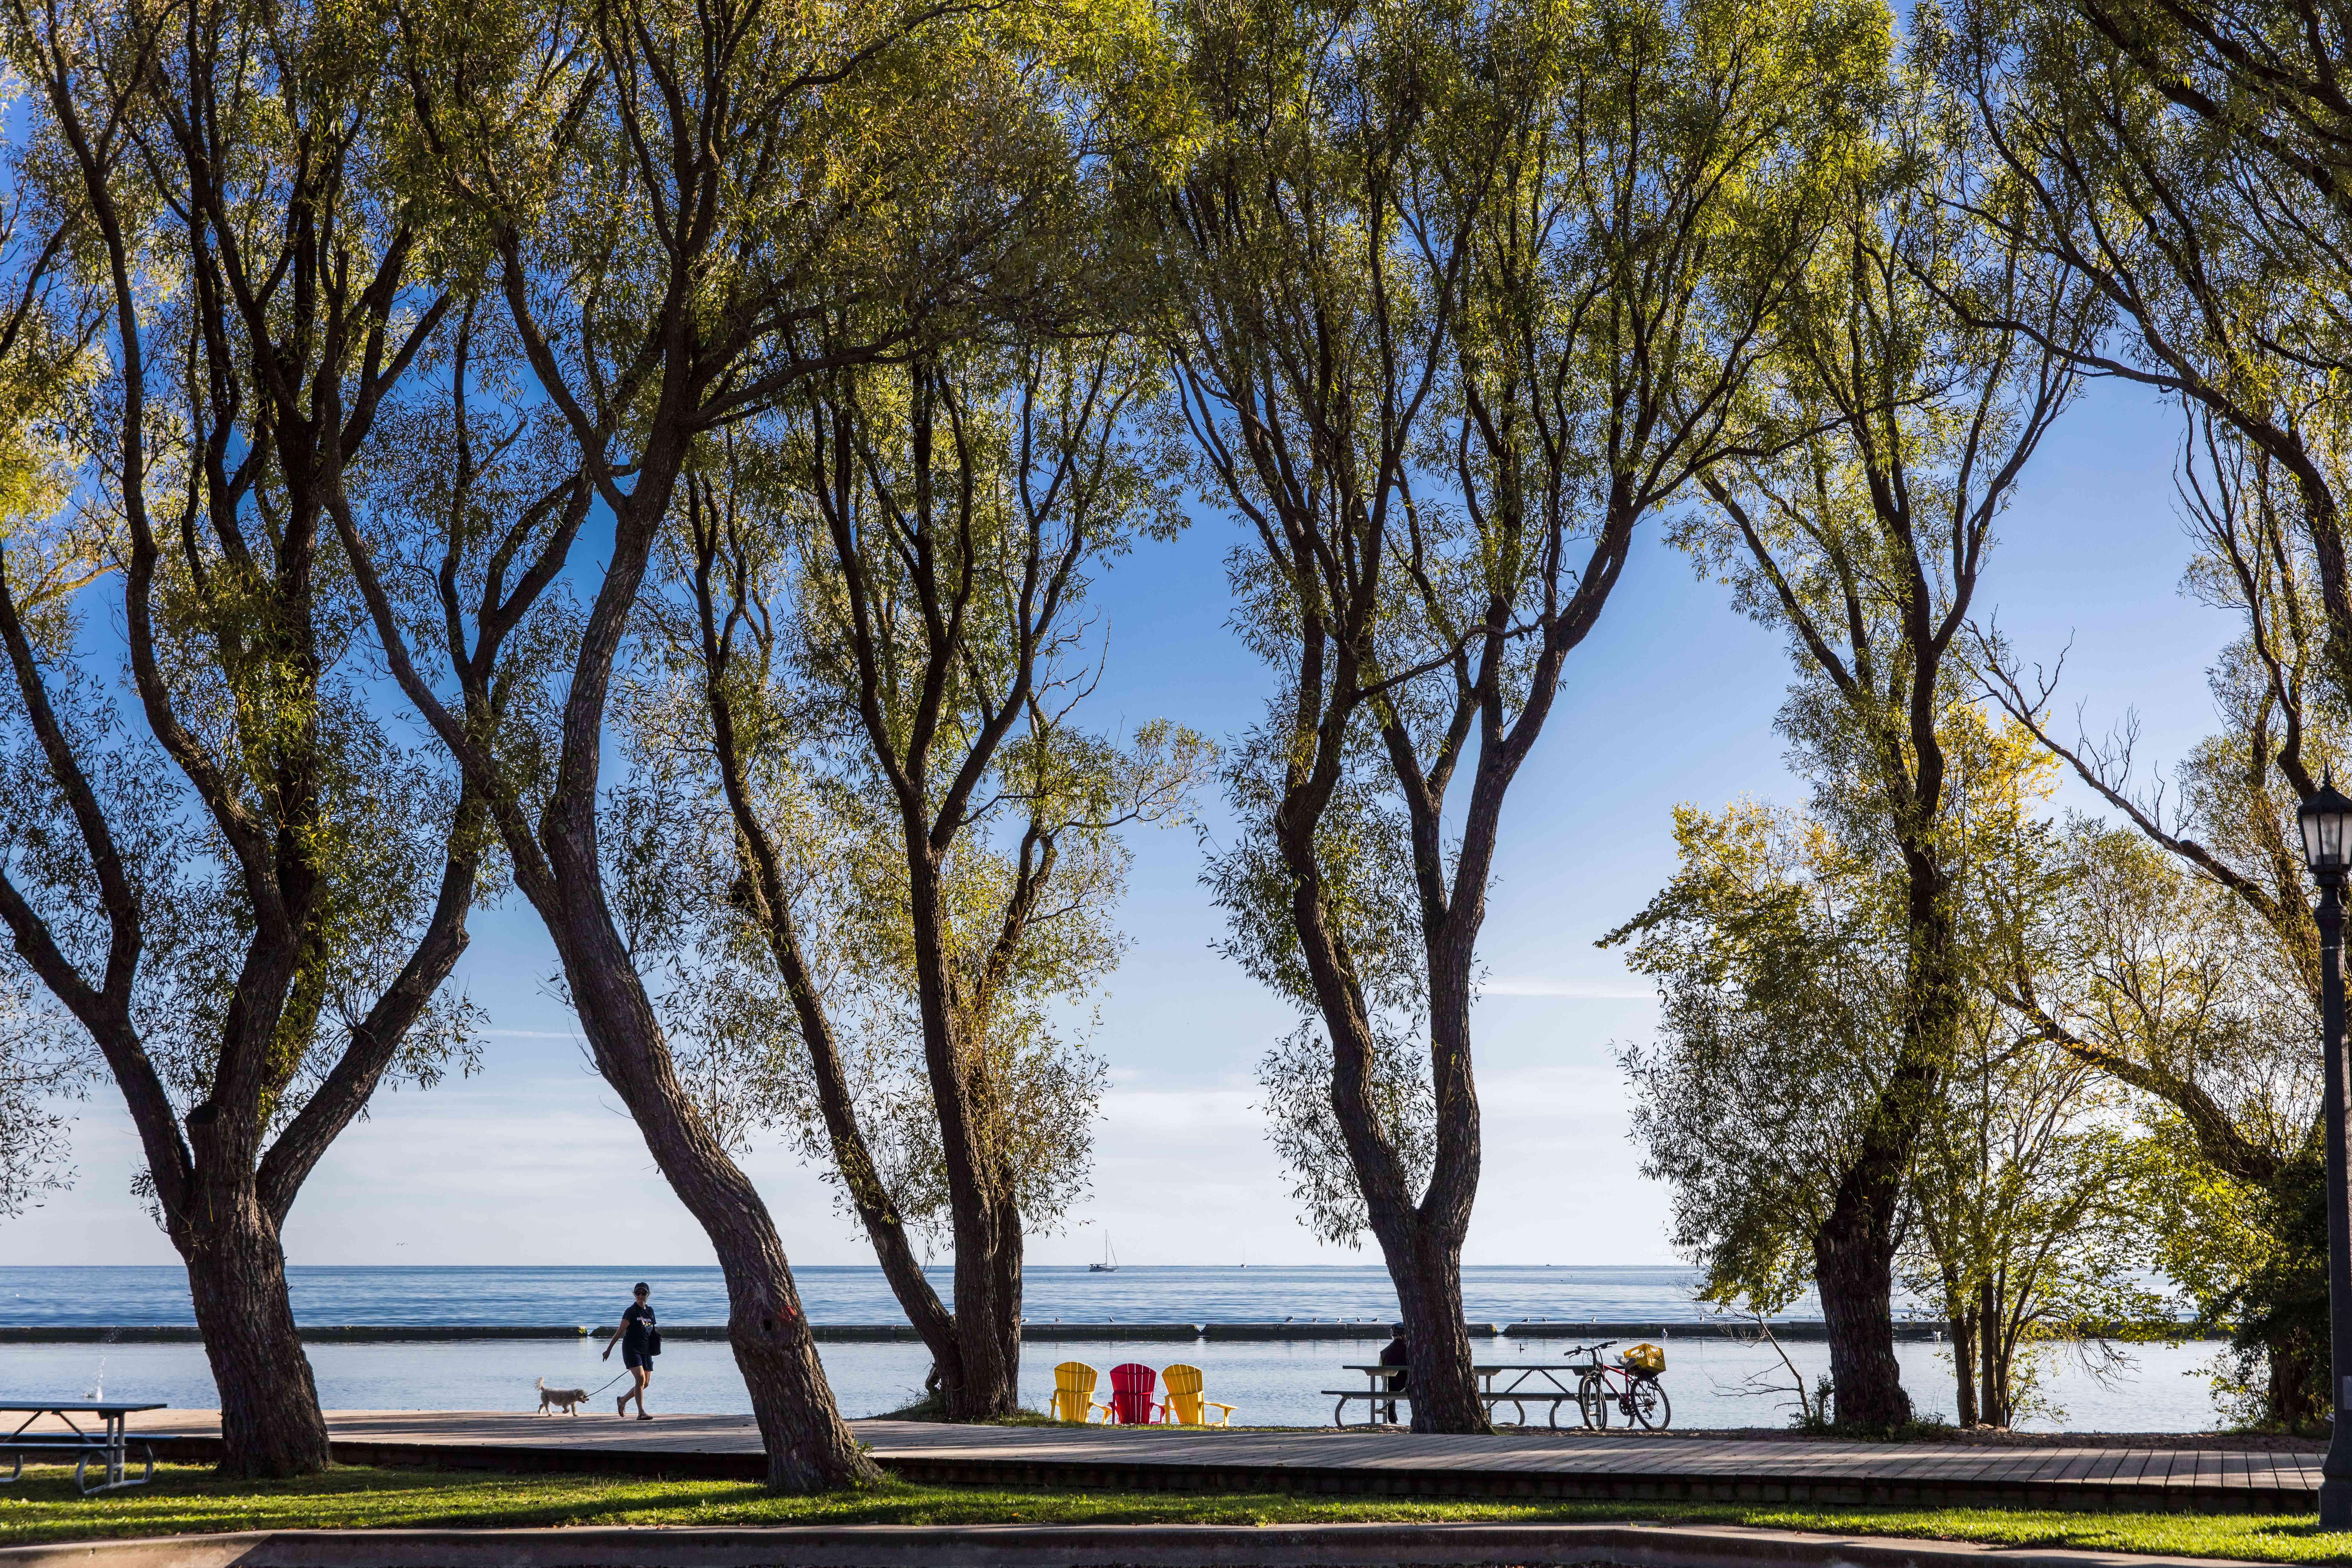 Sunnyside Park in Toronto